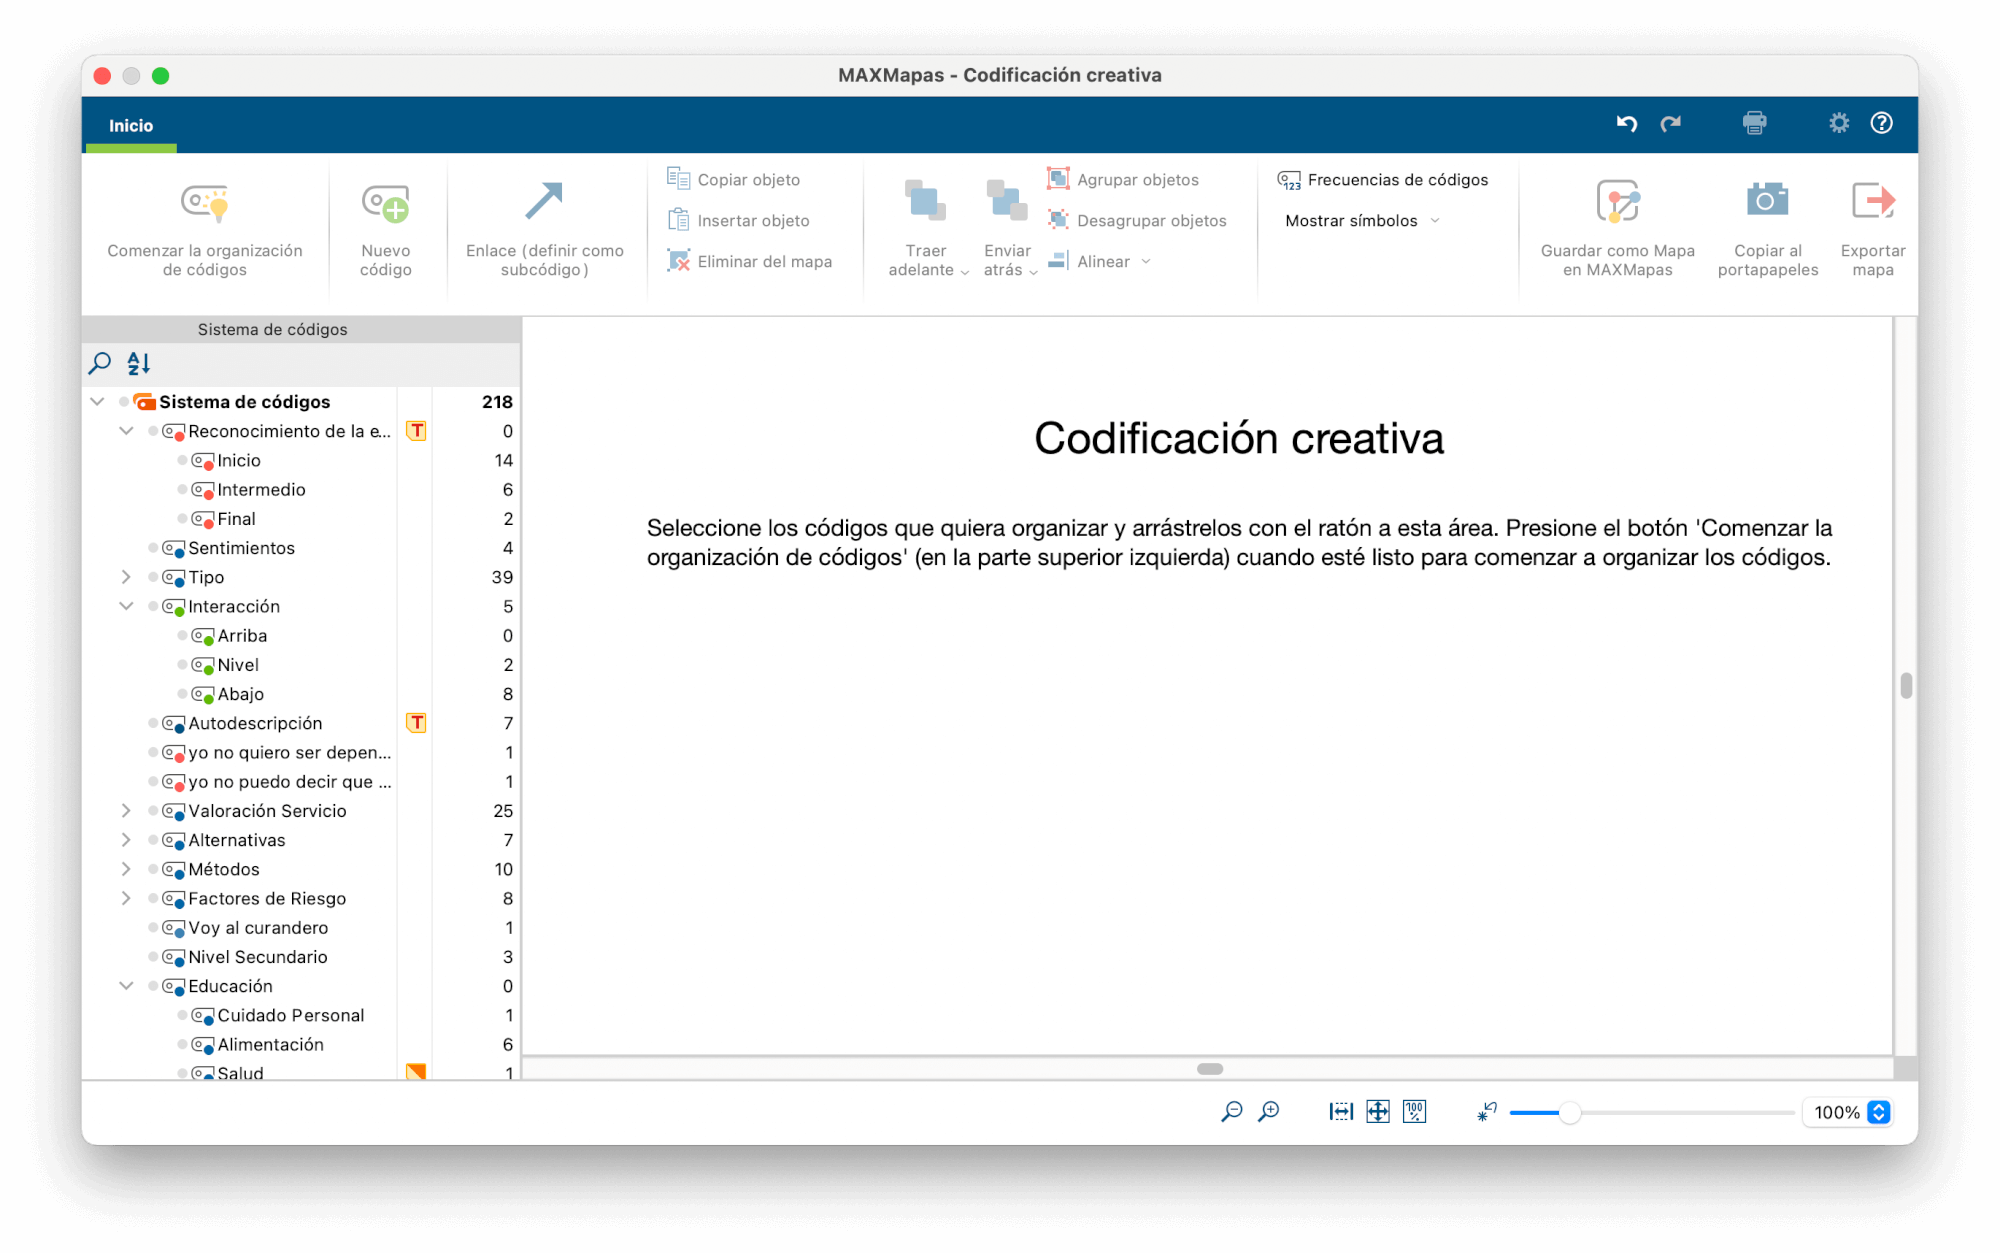 Selección de códigos para la Codificación Creativa